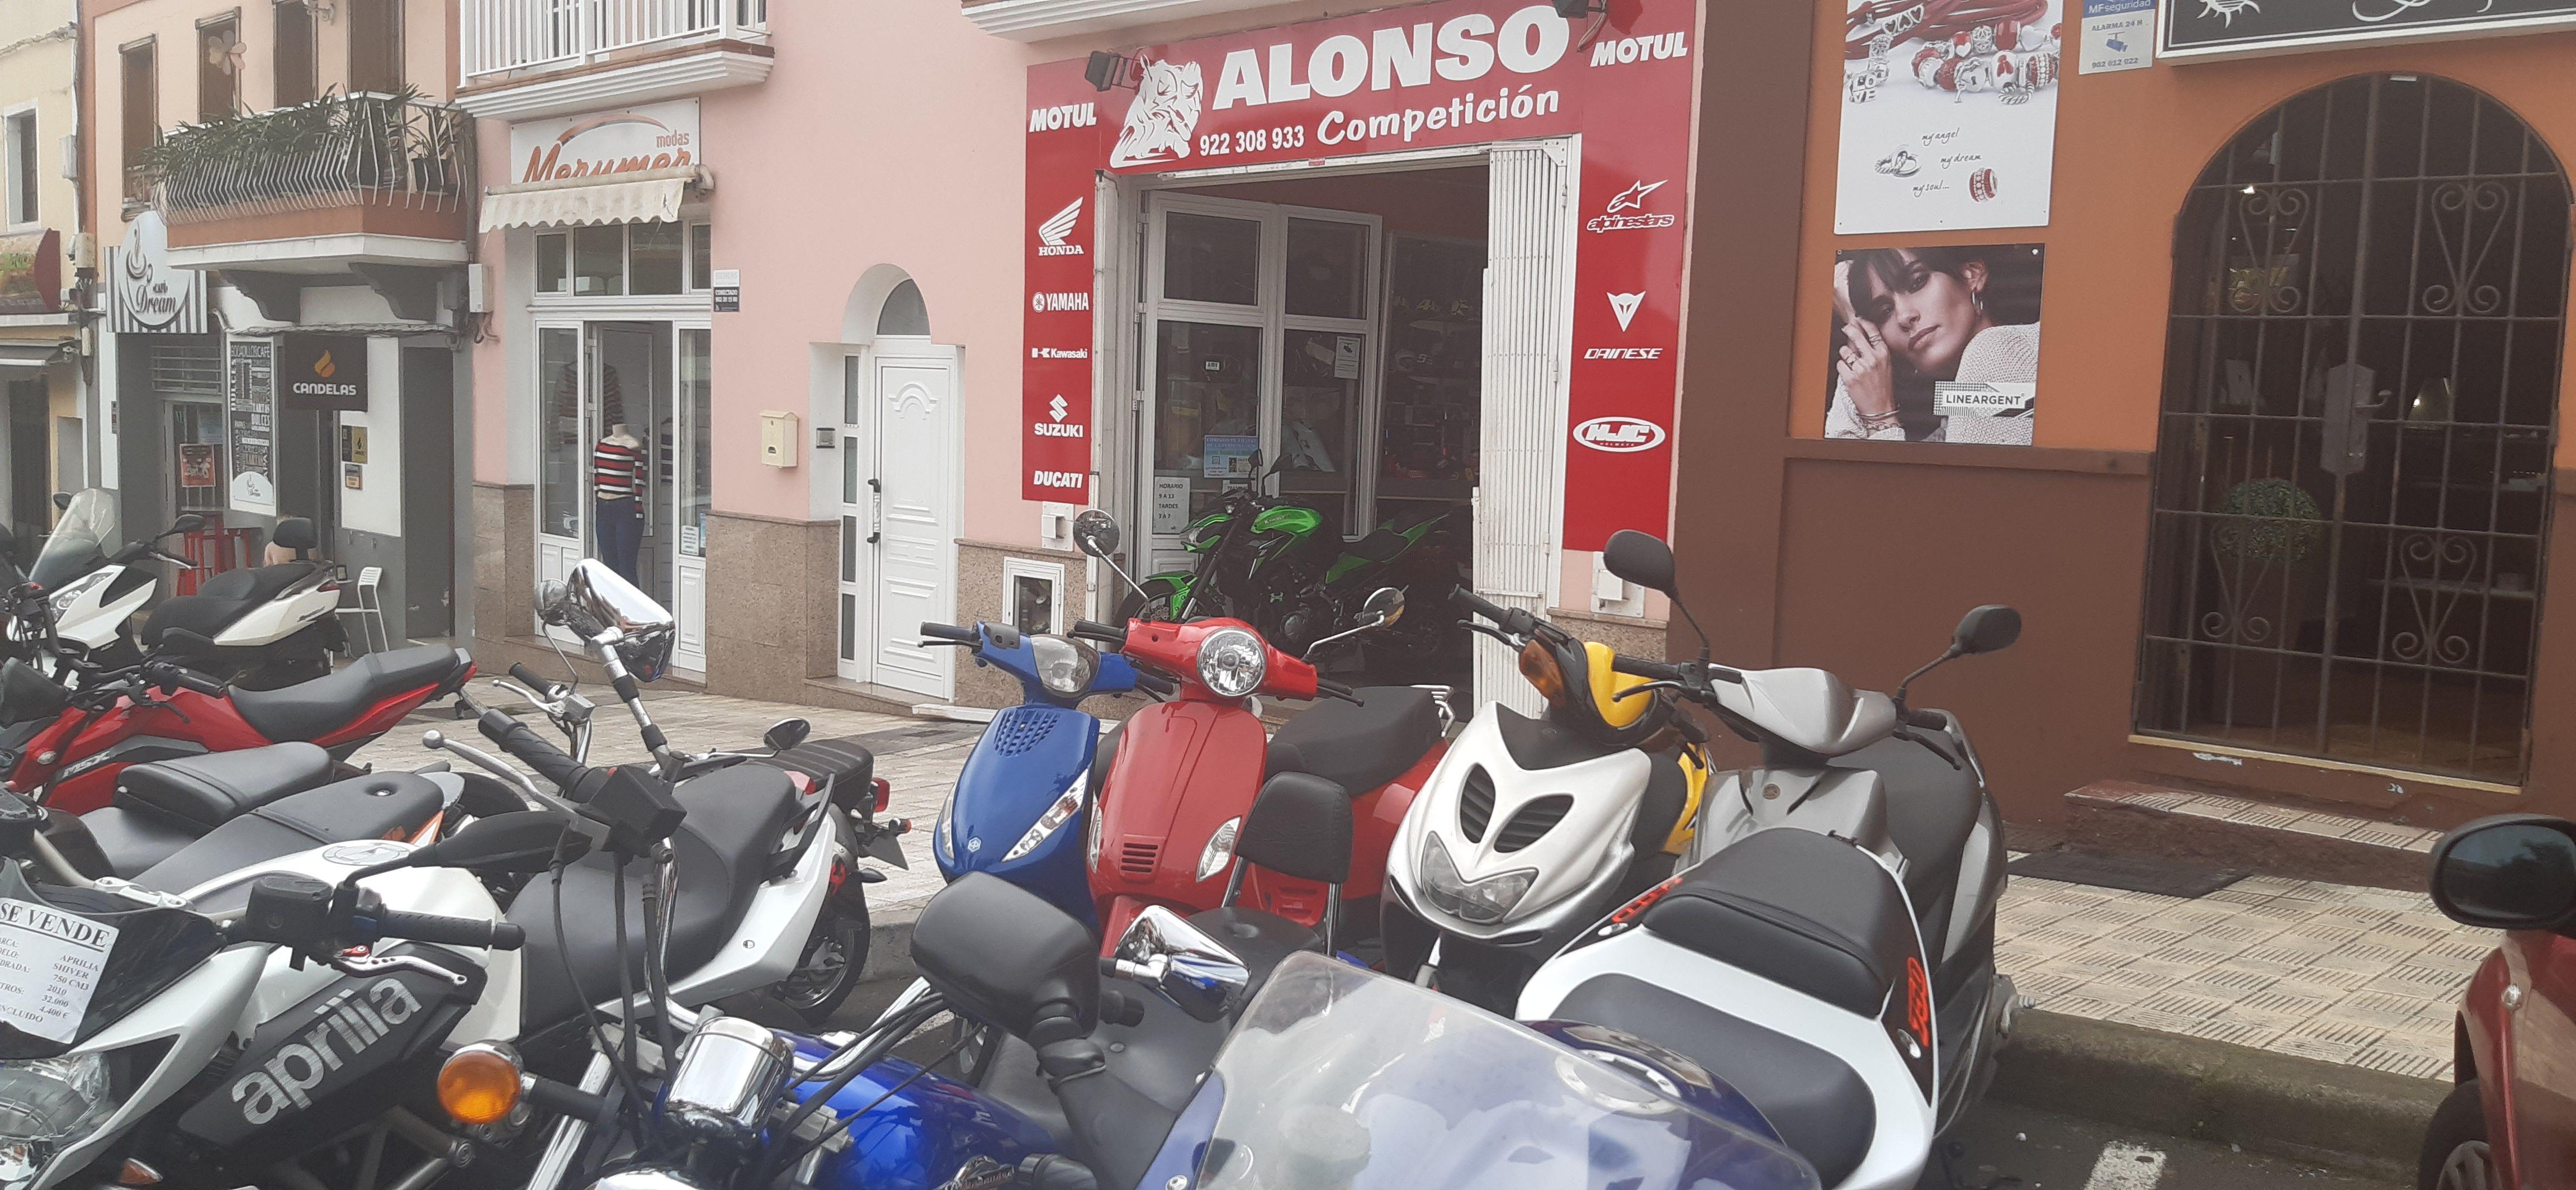 Foto 3 de Motos en La Orotava | Alonso Competición